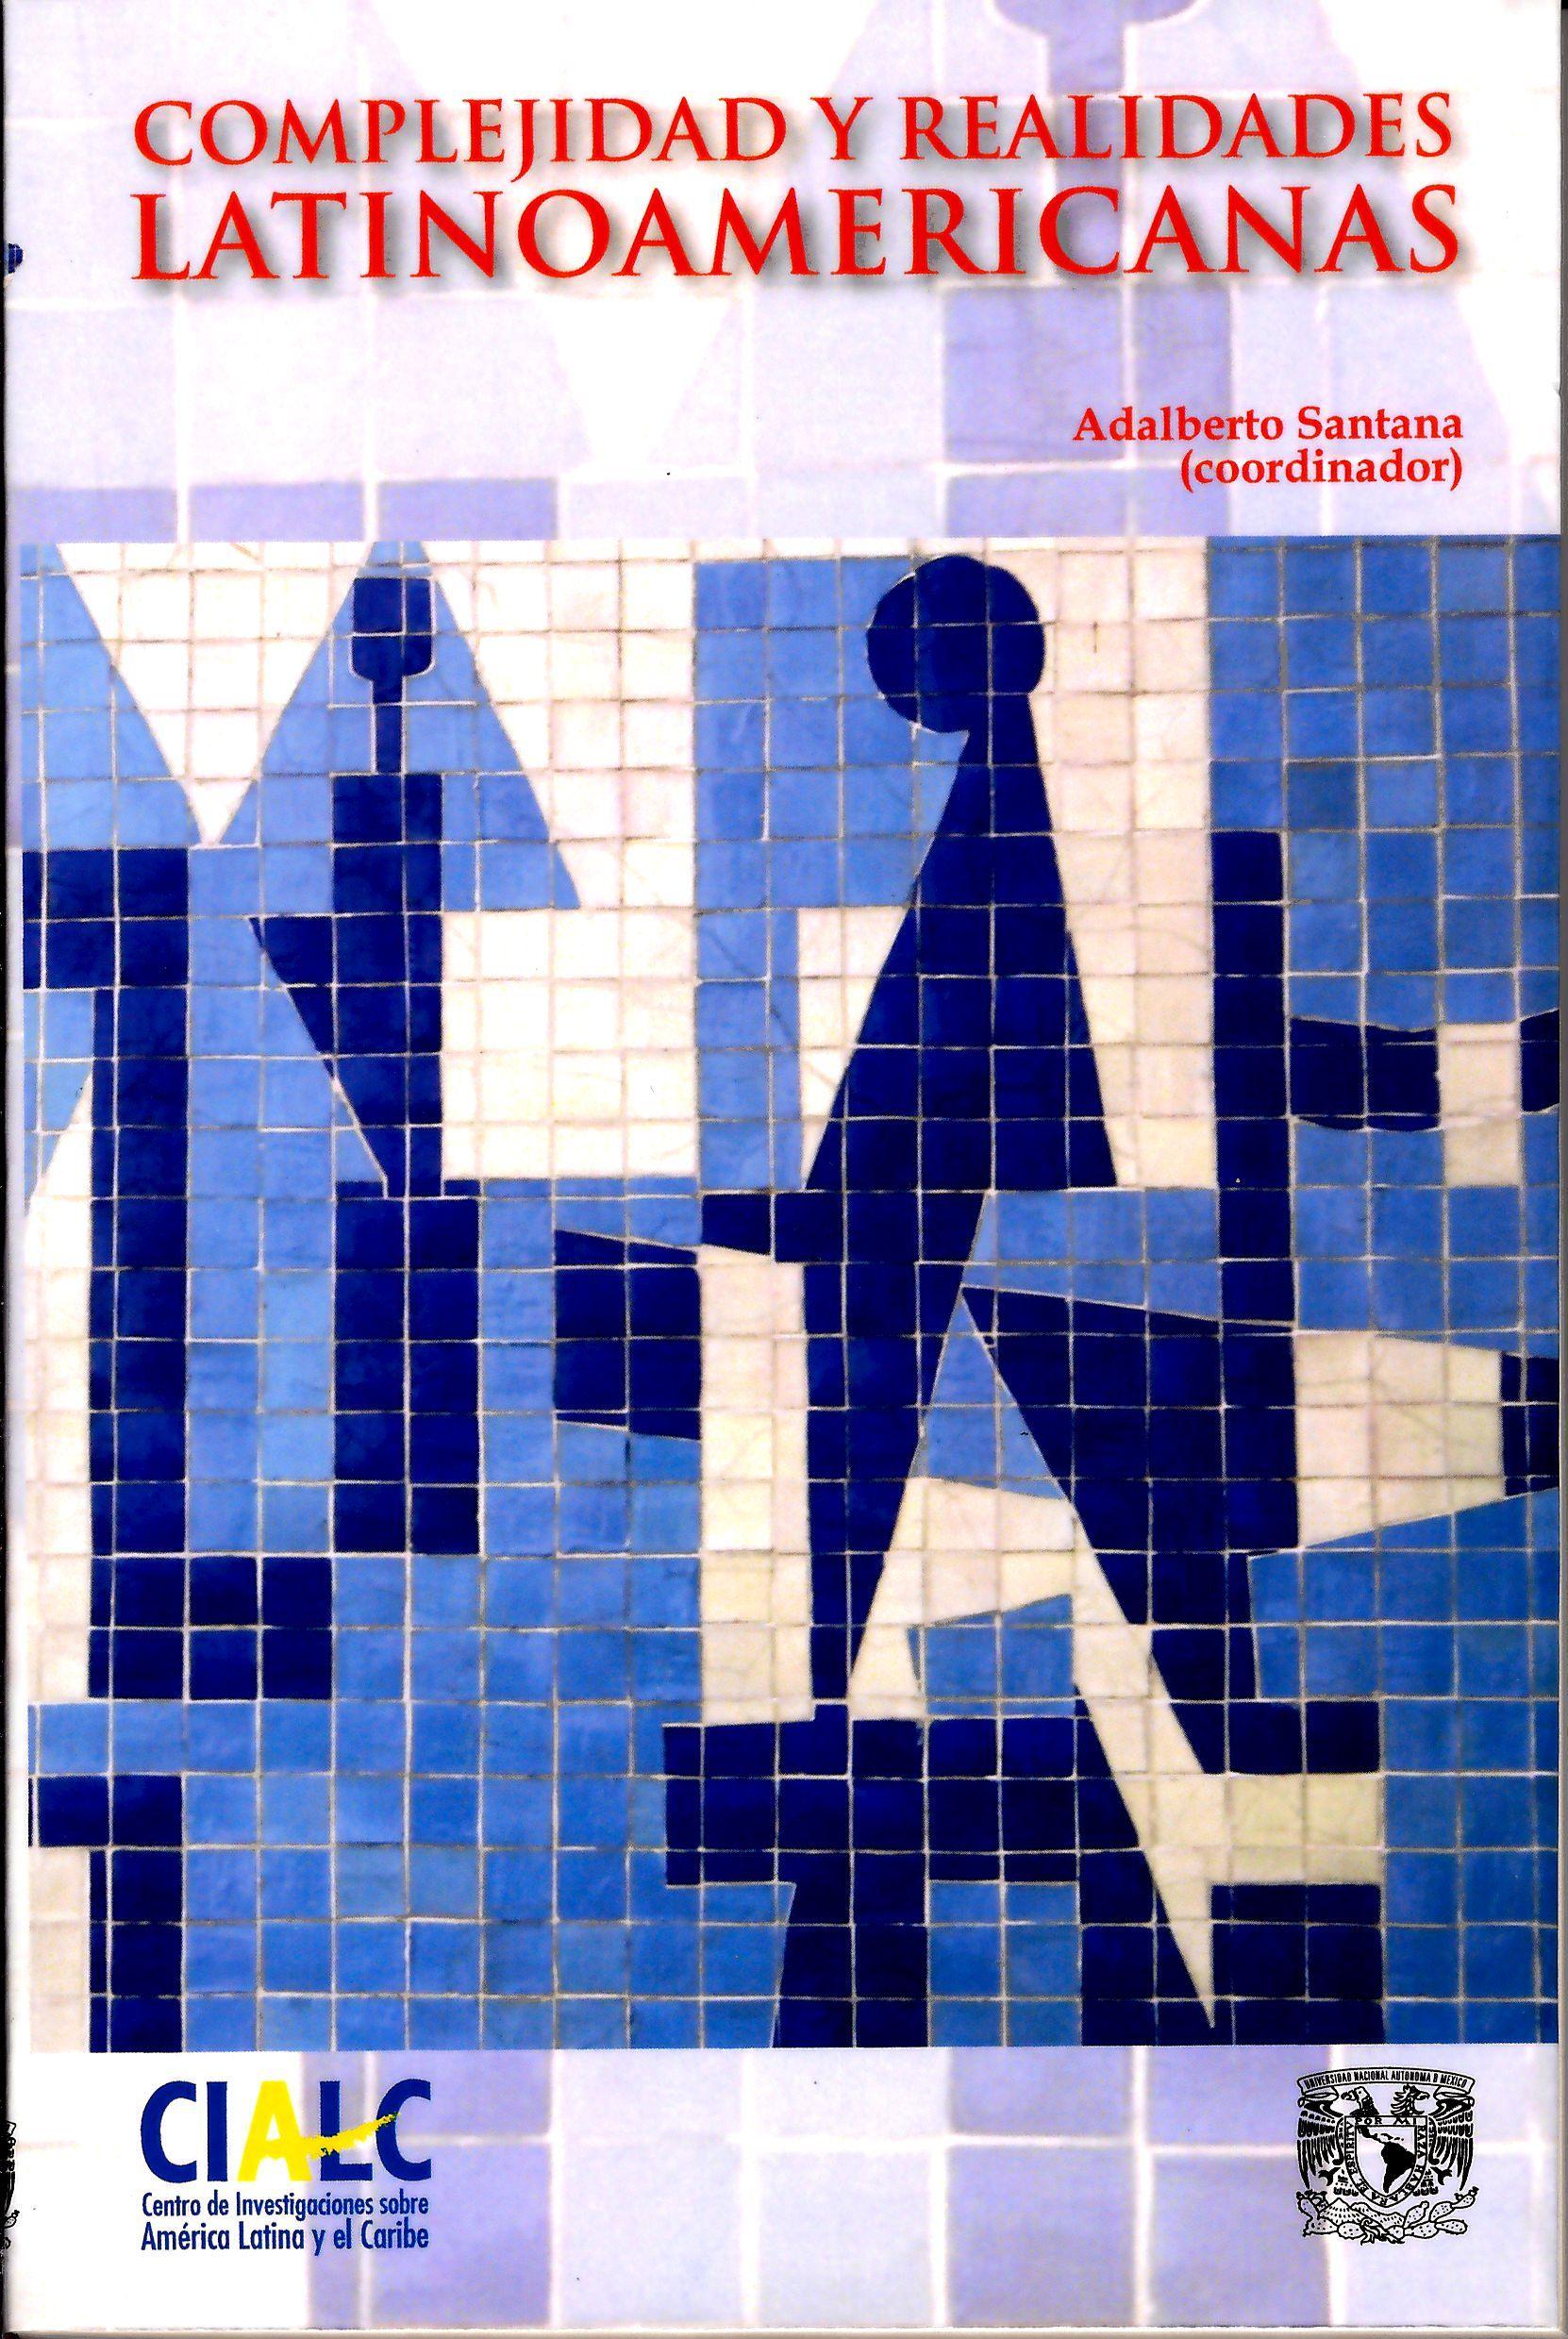 Complejidad y realidades latinoamericanas